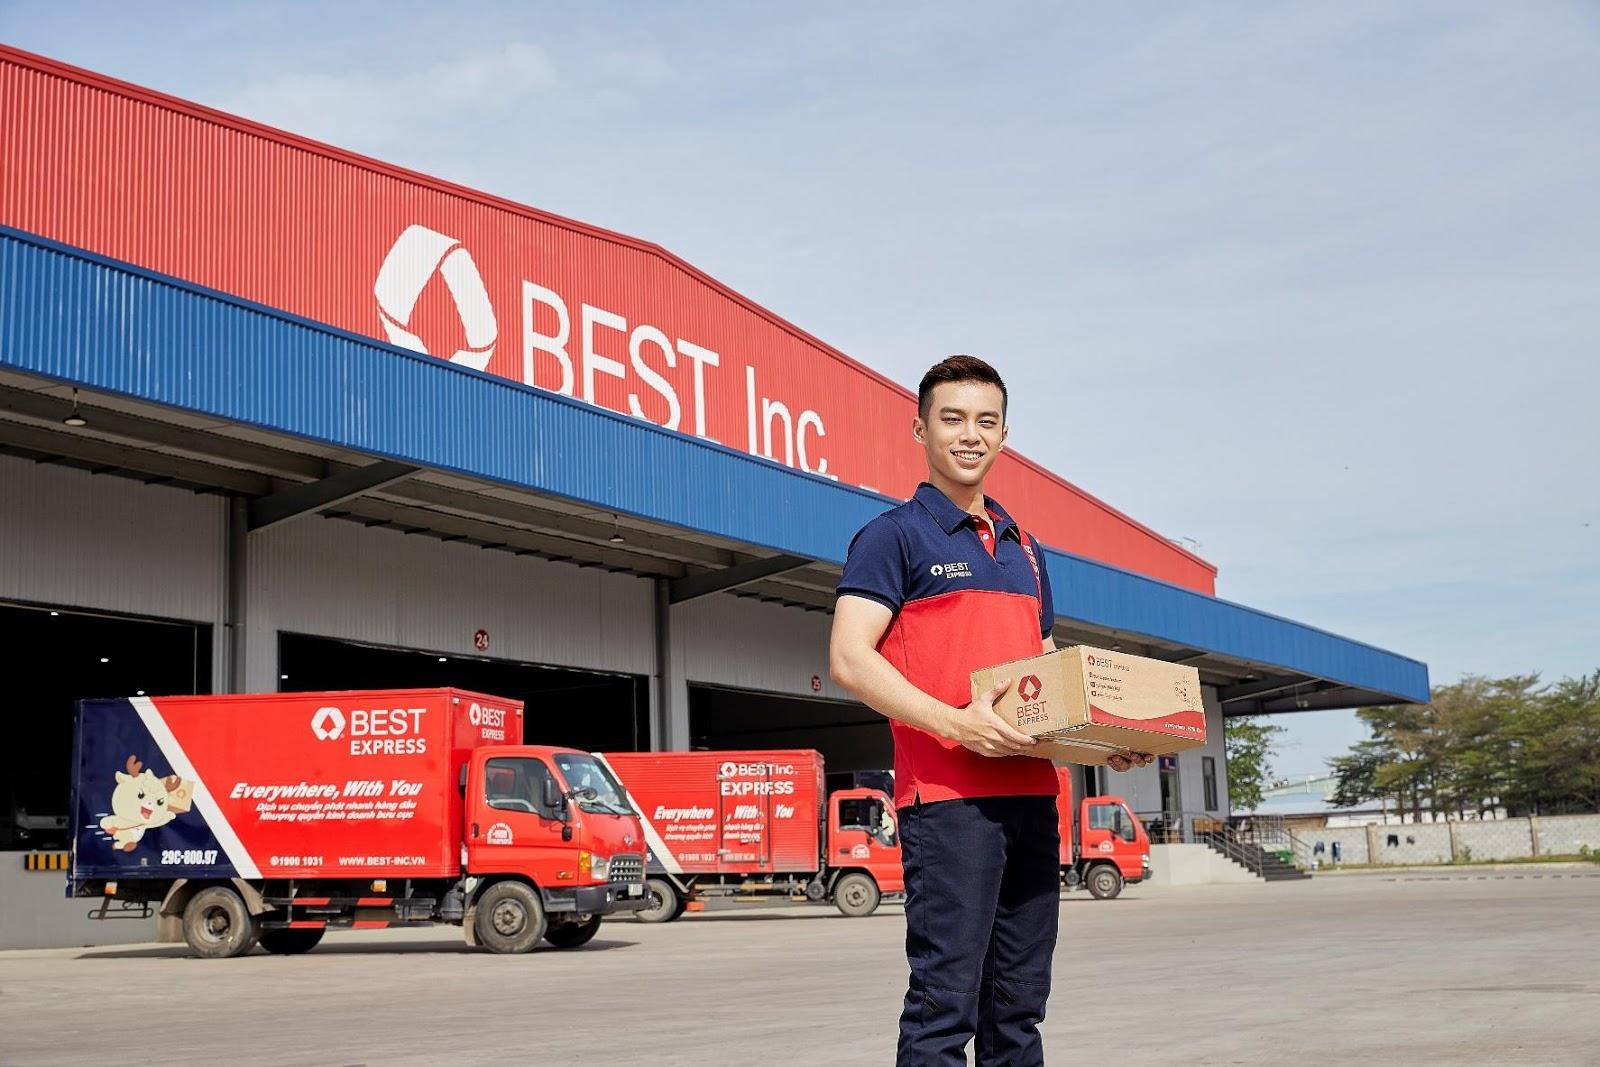 D:BEST photos�1 Vietnam photosIMG_8406.jpg